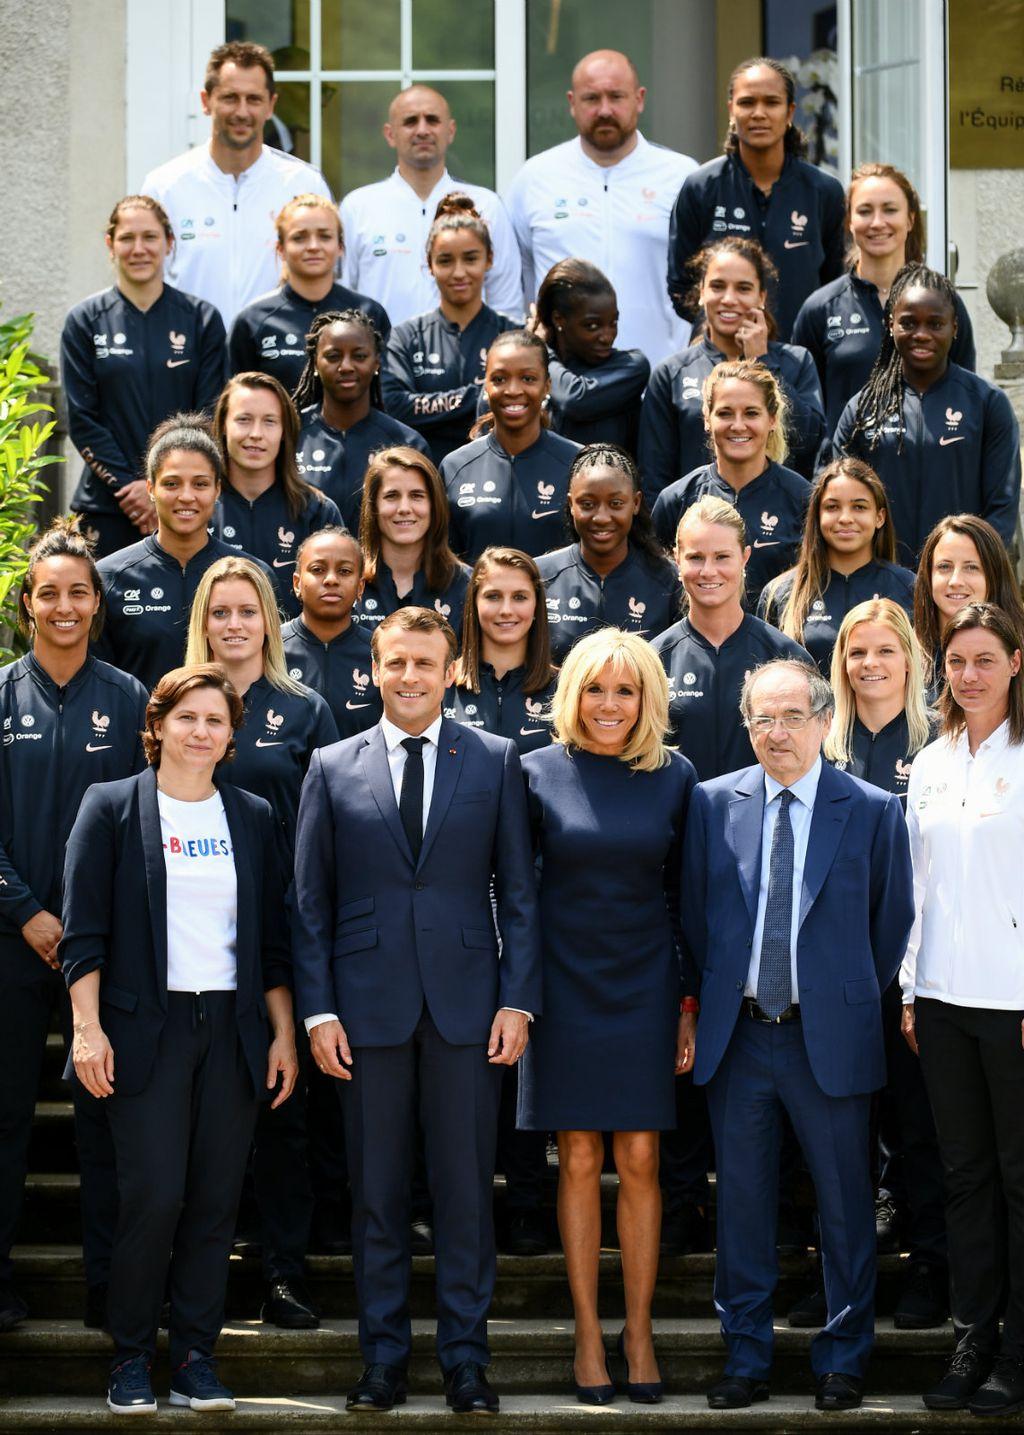 Prva dama i predsjednik posjetili su francusku žensku nogometnu reprezentaciju na pripremama